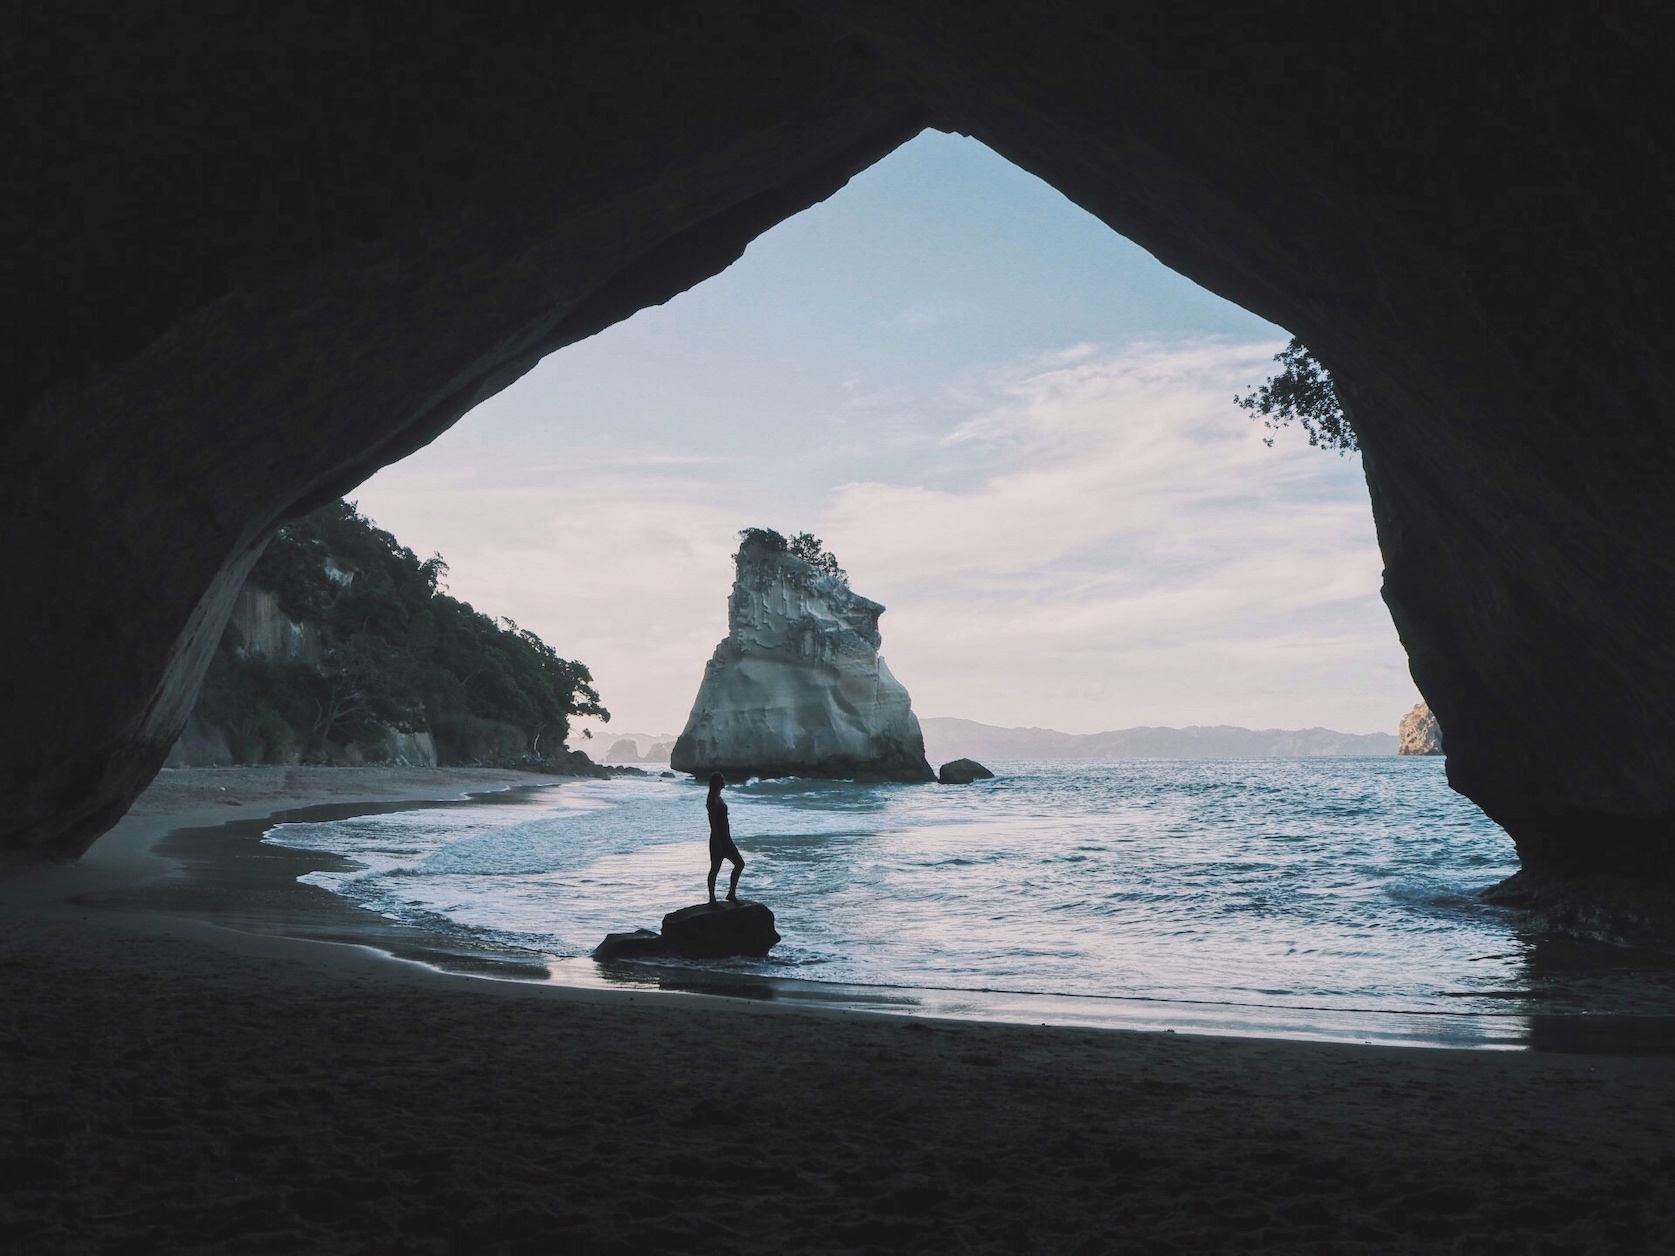 Cathedral Cove New Zealand Nieuw-Zeeland Coromandel solon Travel backpacken roadtrips